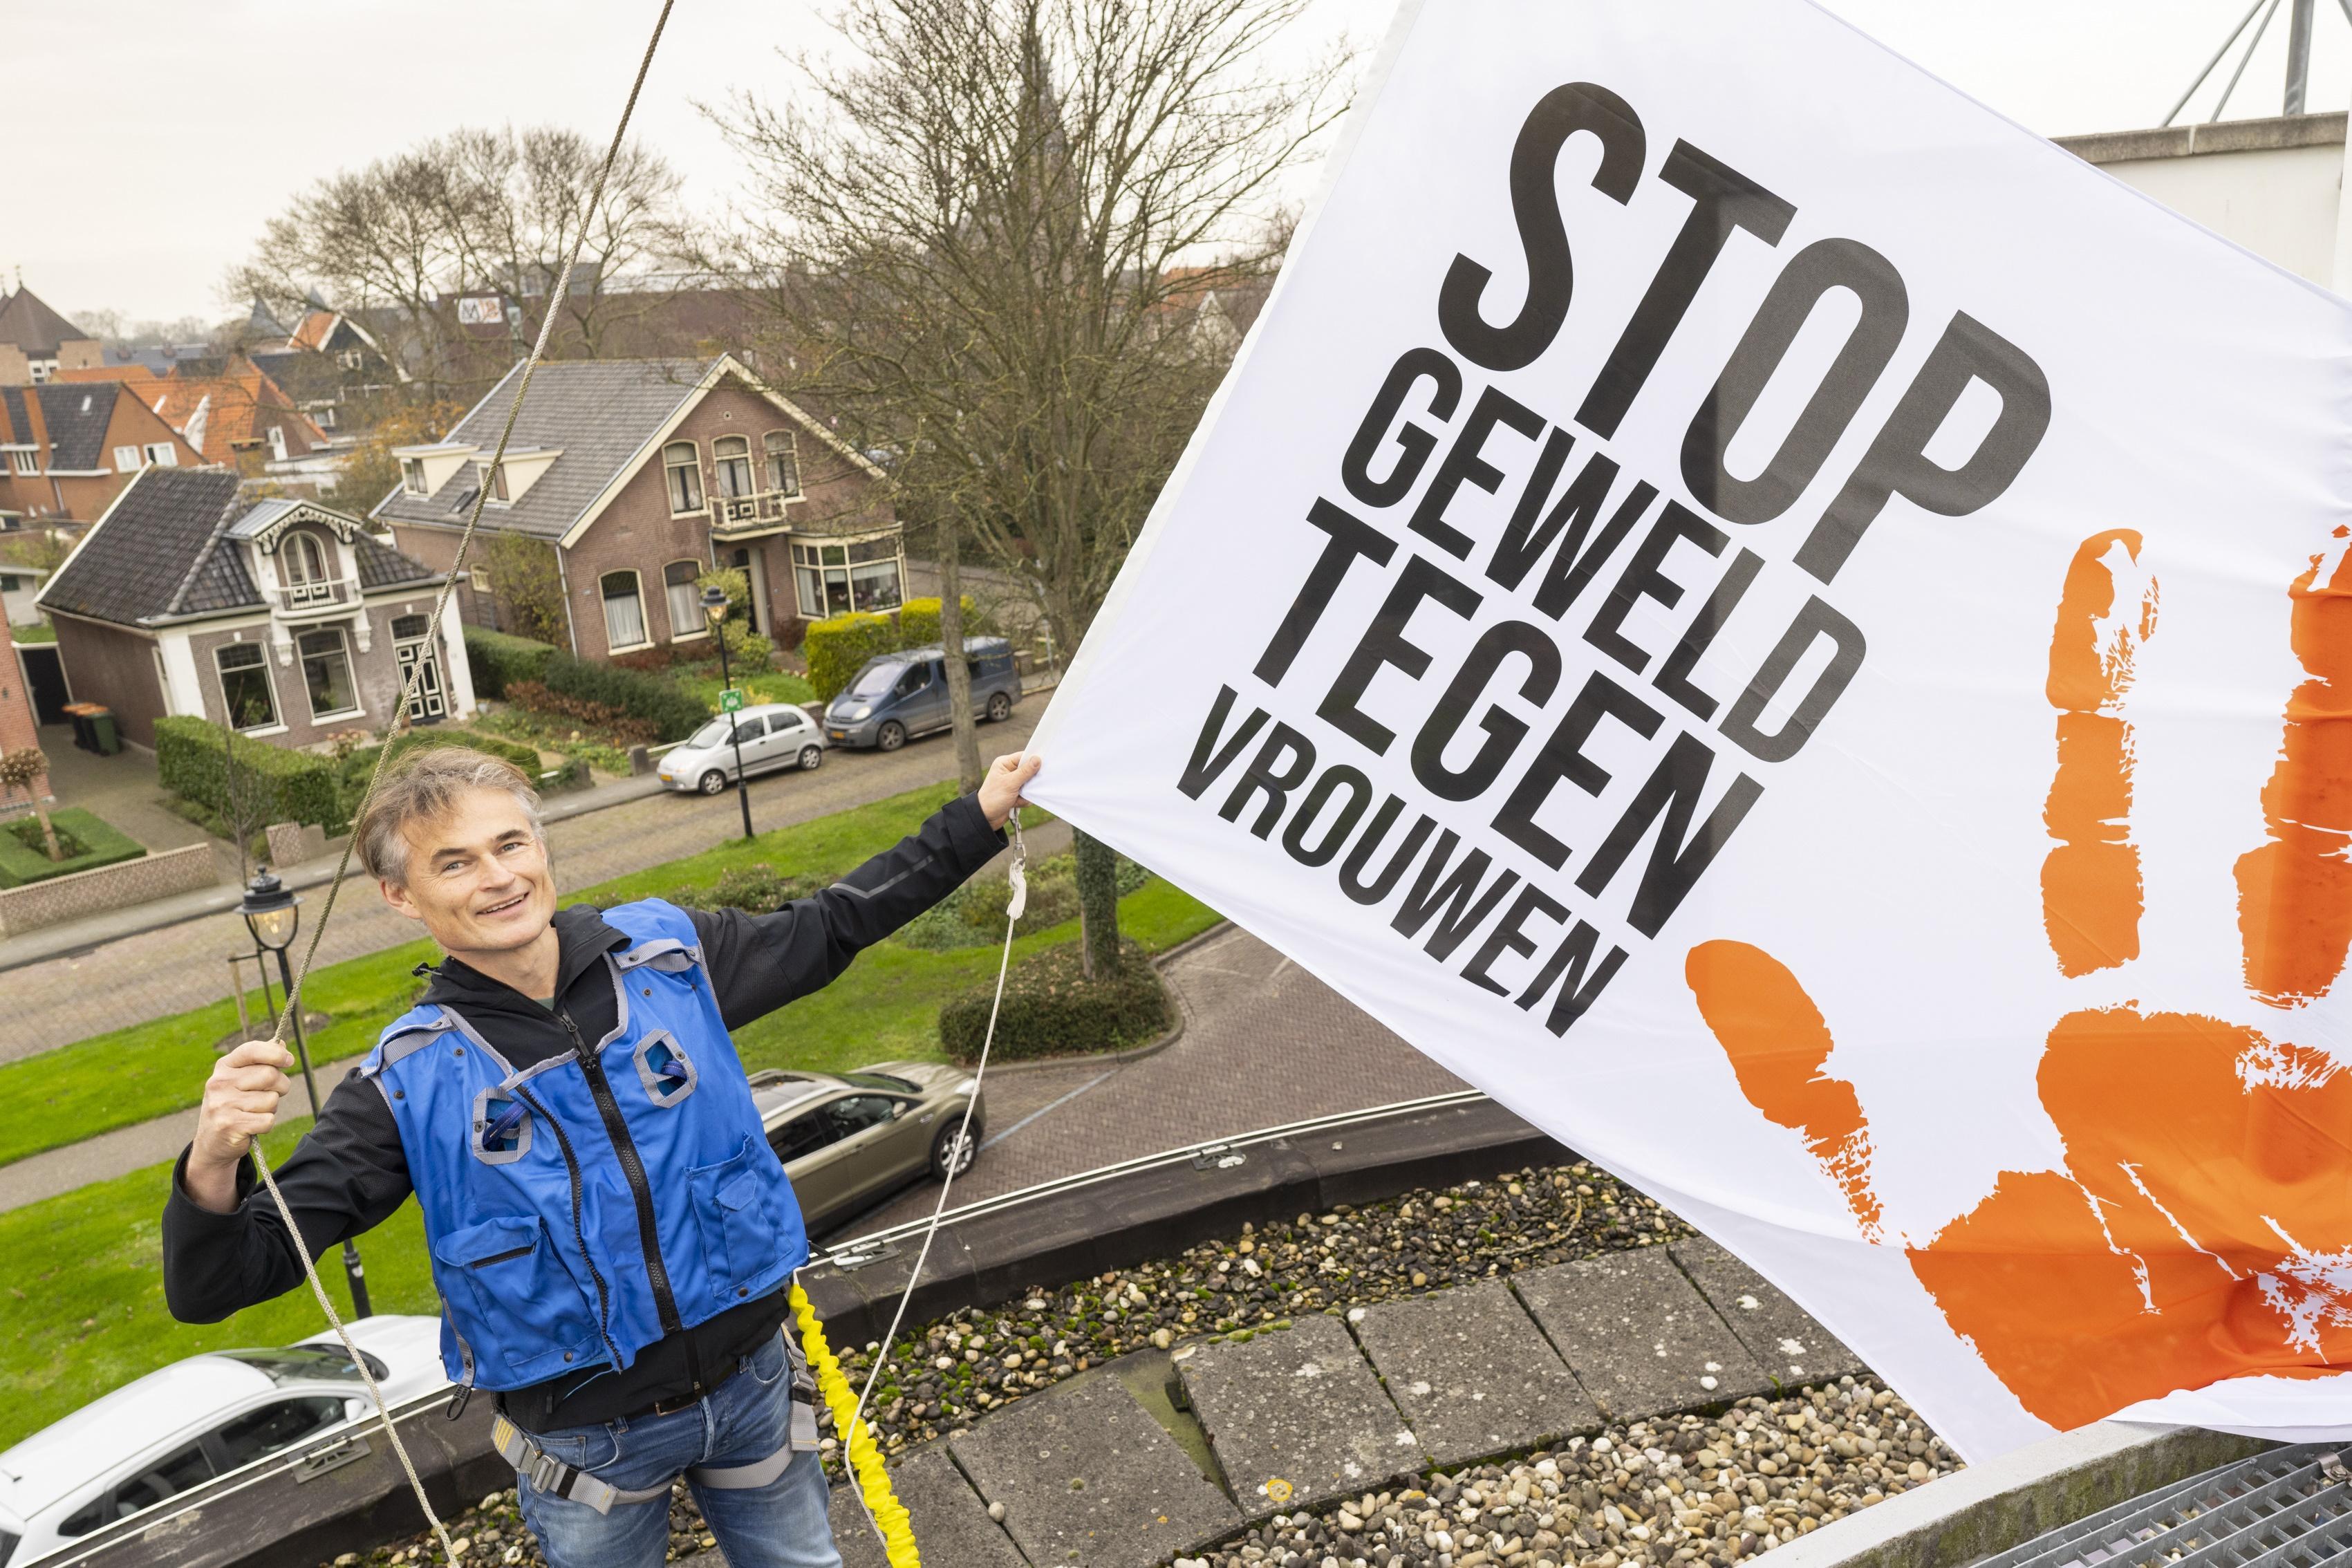 Het gemeentehuis van Schagen in een oranje gloed en een speciale vlag in top. Geweld tegen vrouwen moet stoppen. 'Iedereen verdient een veilige omgeving'